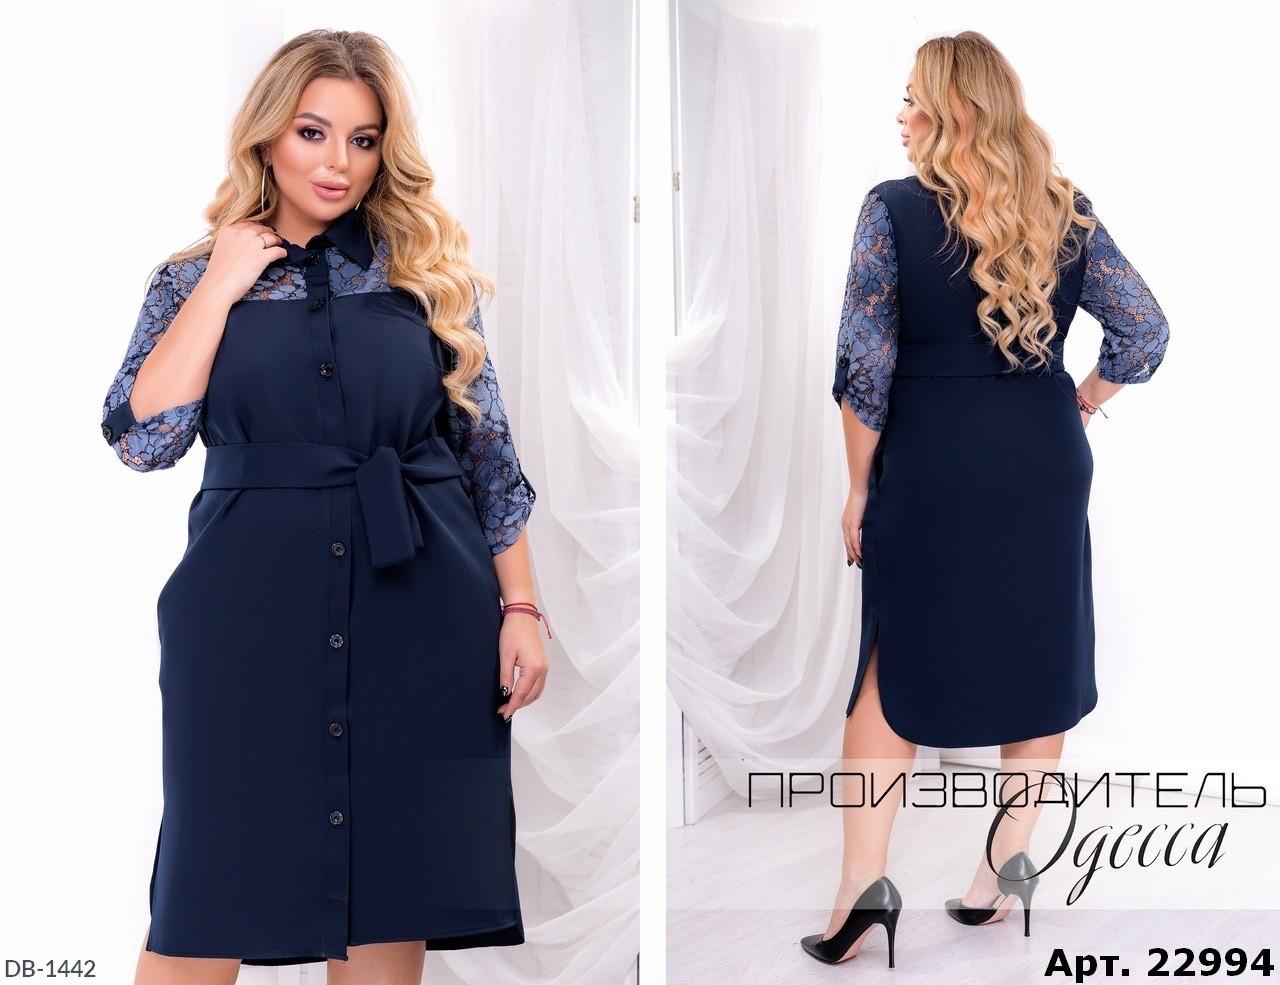 Платье DB-1442